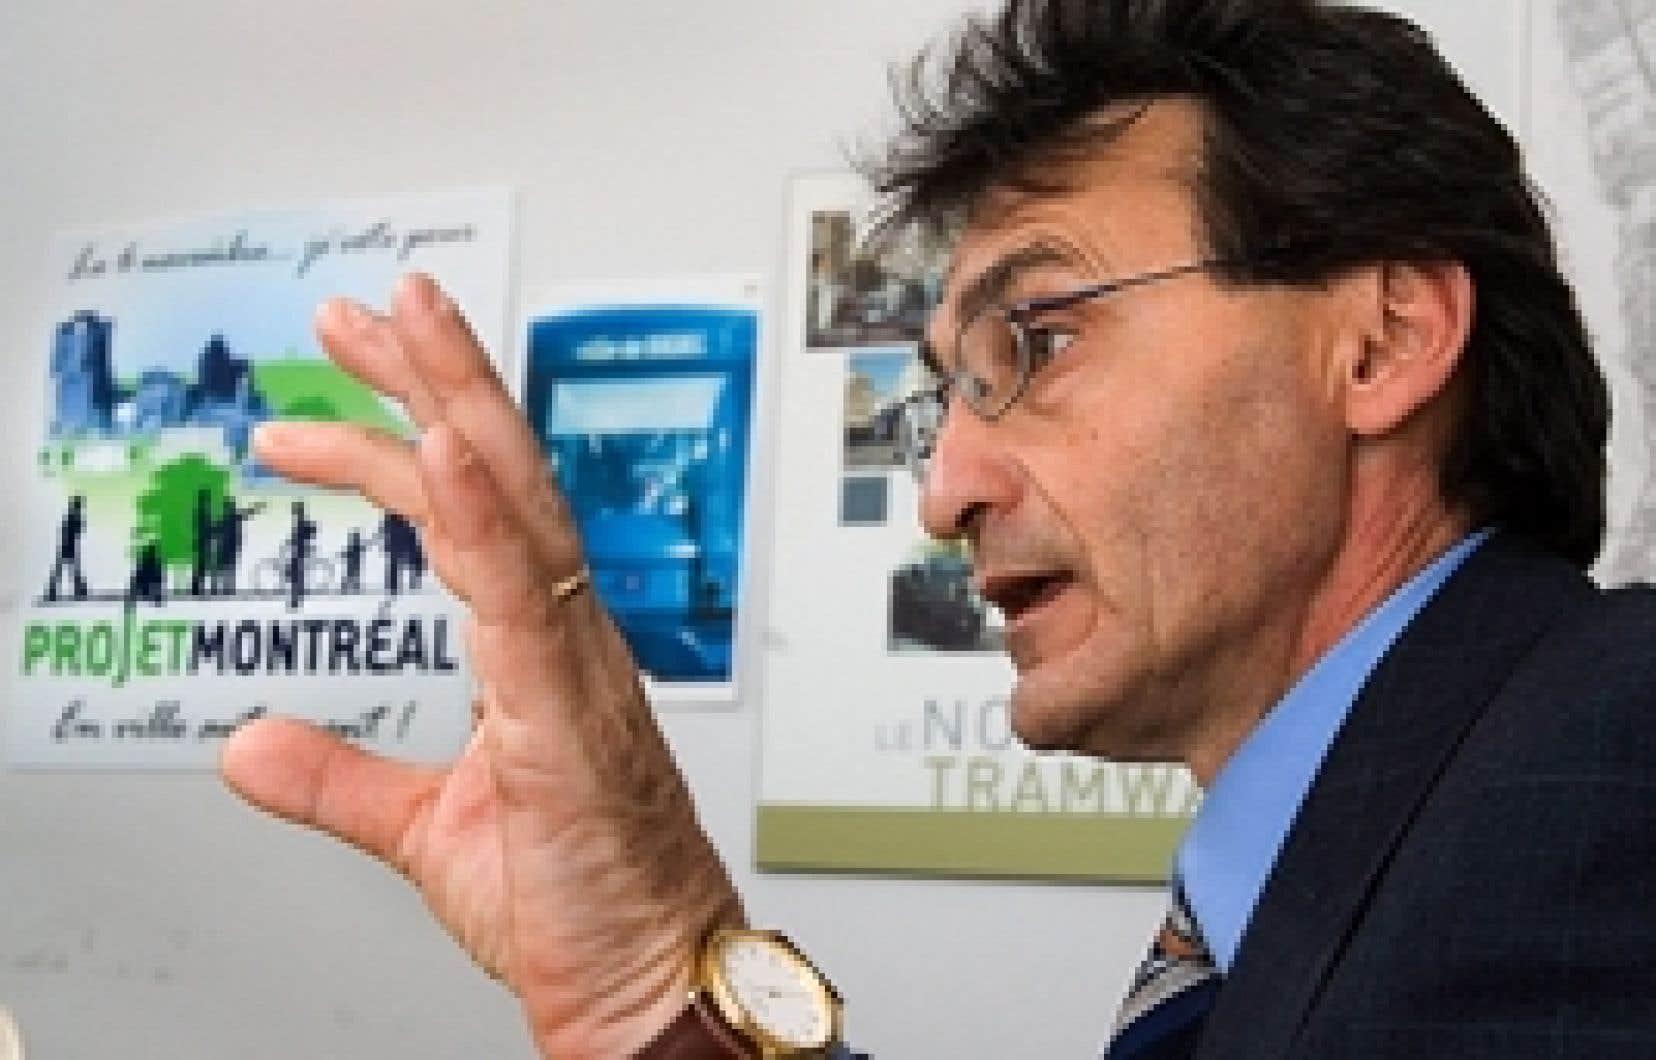 Certains membres de Projet Montréal vont jusqu'à remettre en question le leadership de Richard Bergeron.